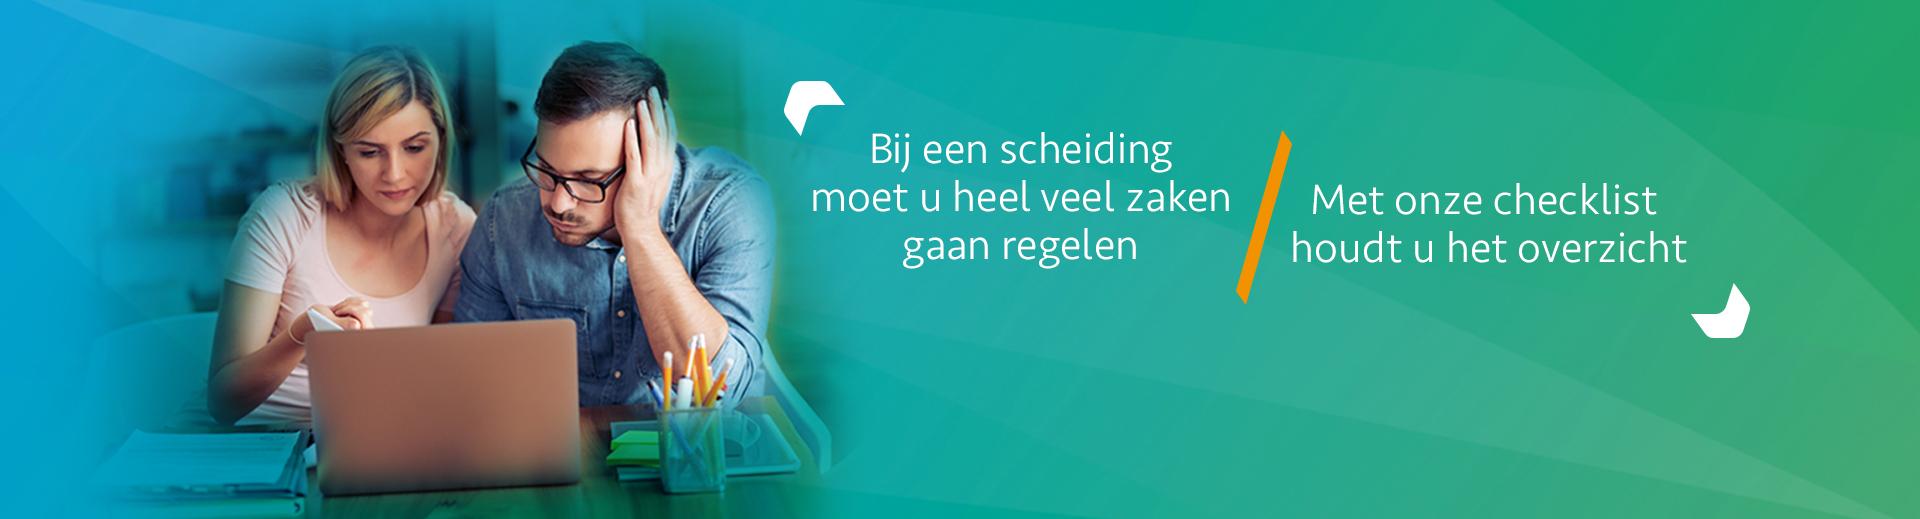 Checklist scheiden - Scheidingsplanner Den Haag & Rijswijk